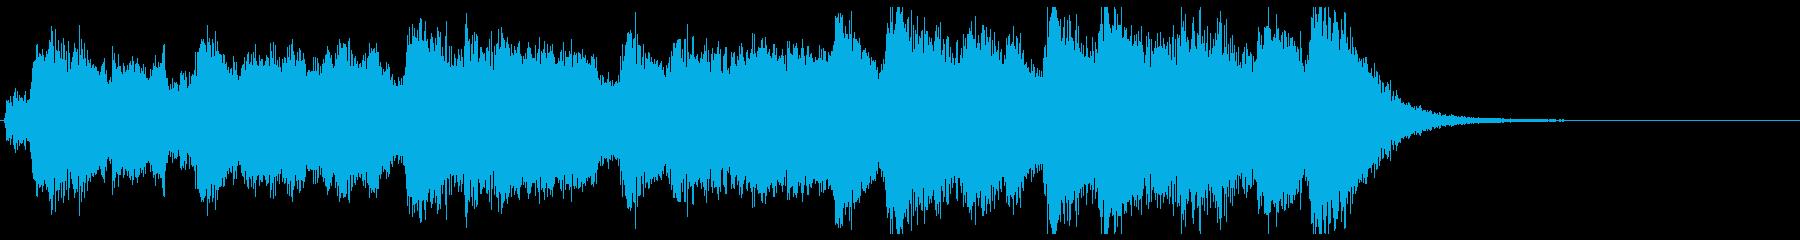 ワールドニュース風フルオケジングル合唱付の再生済みの波形